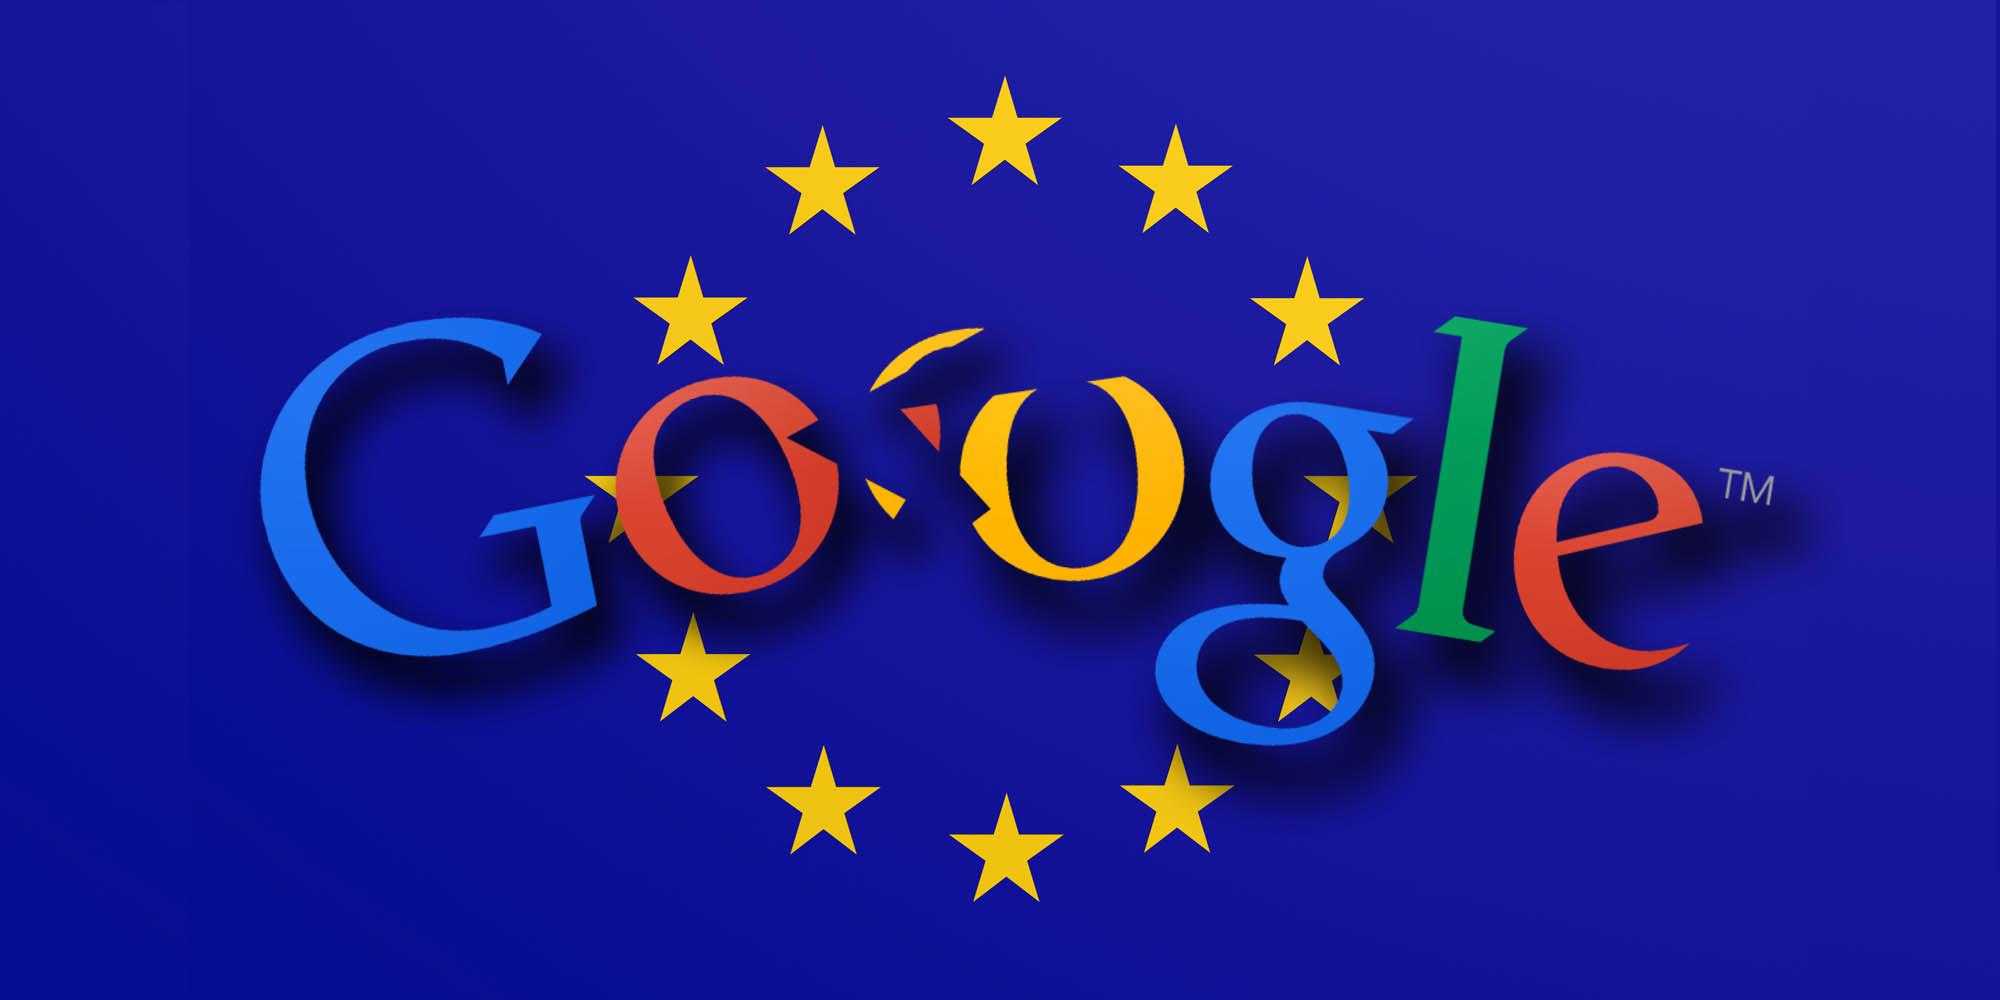 欧盟发布谷歌反垄断调查报告:28亿美元罚款是威慑